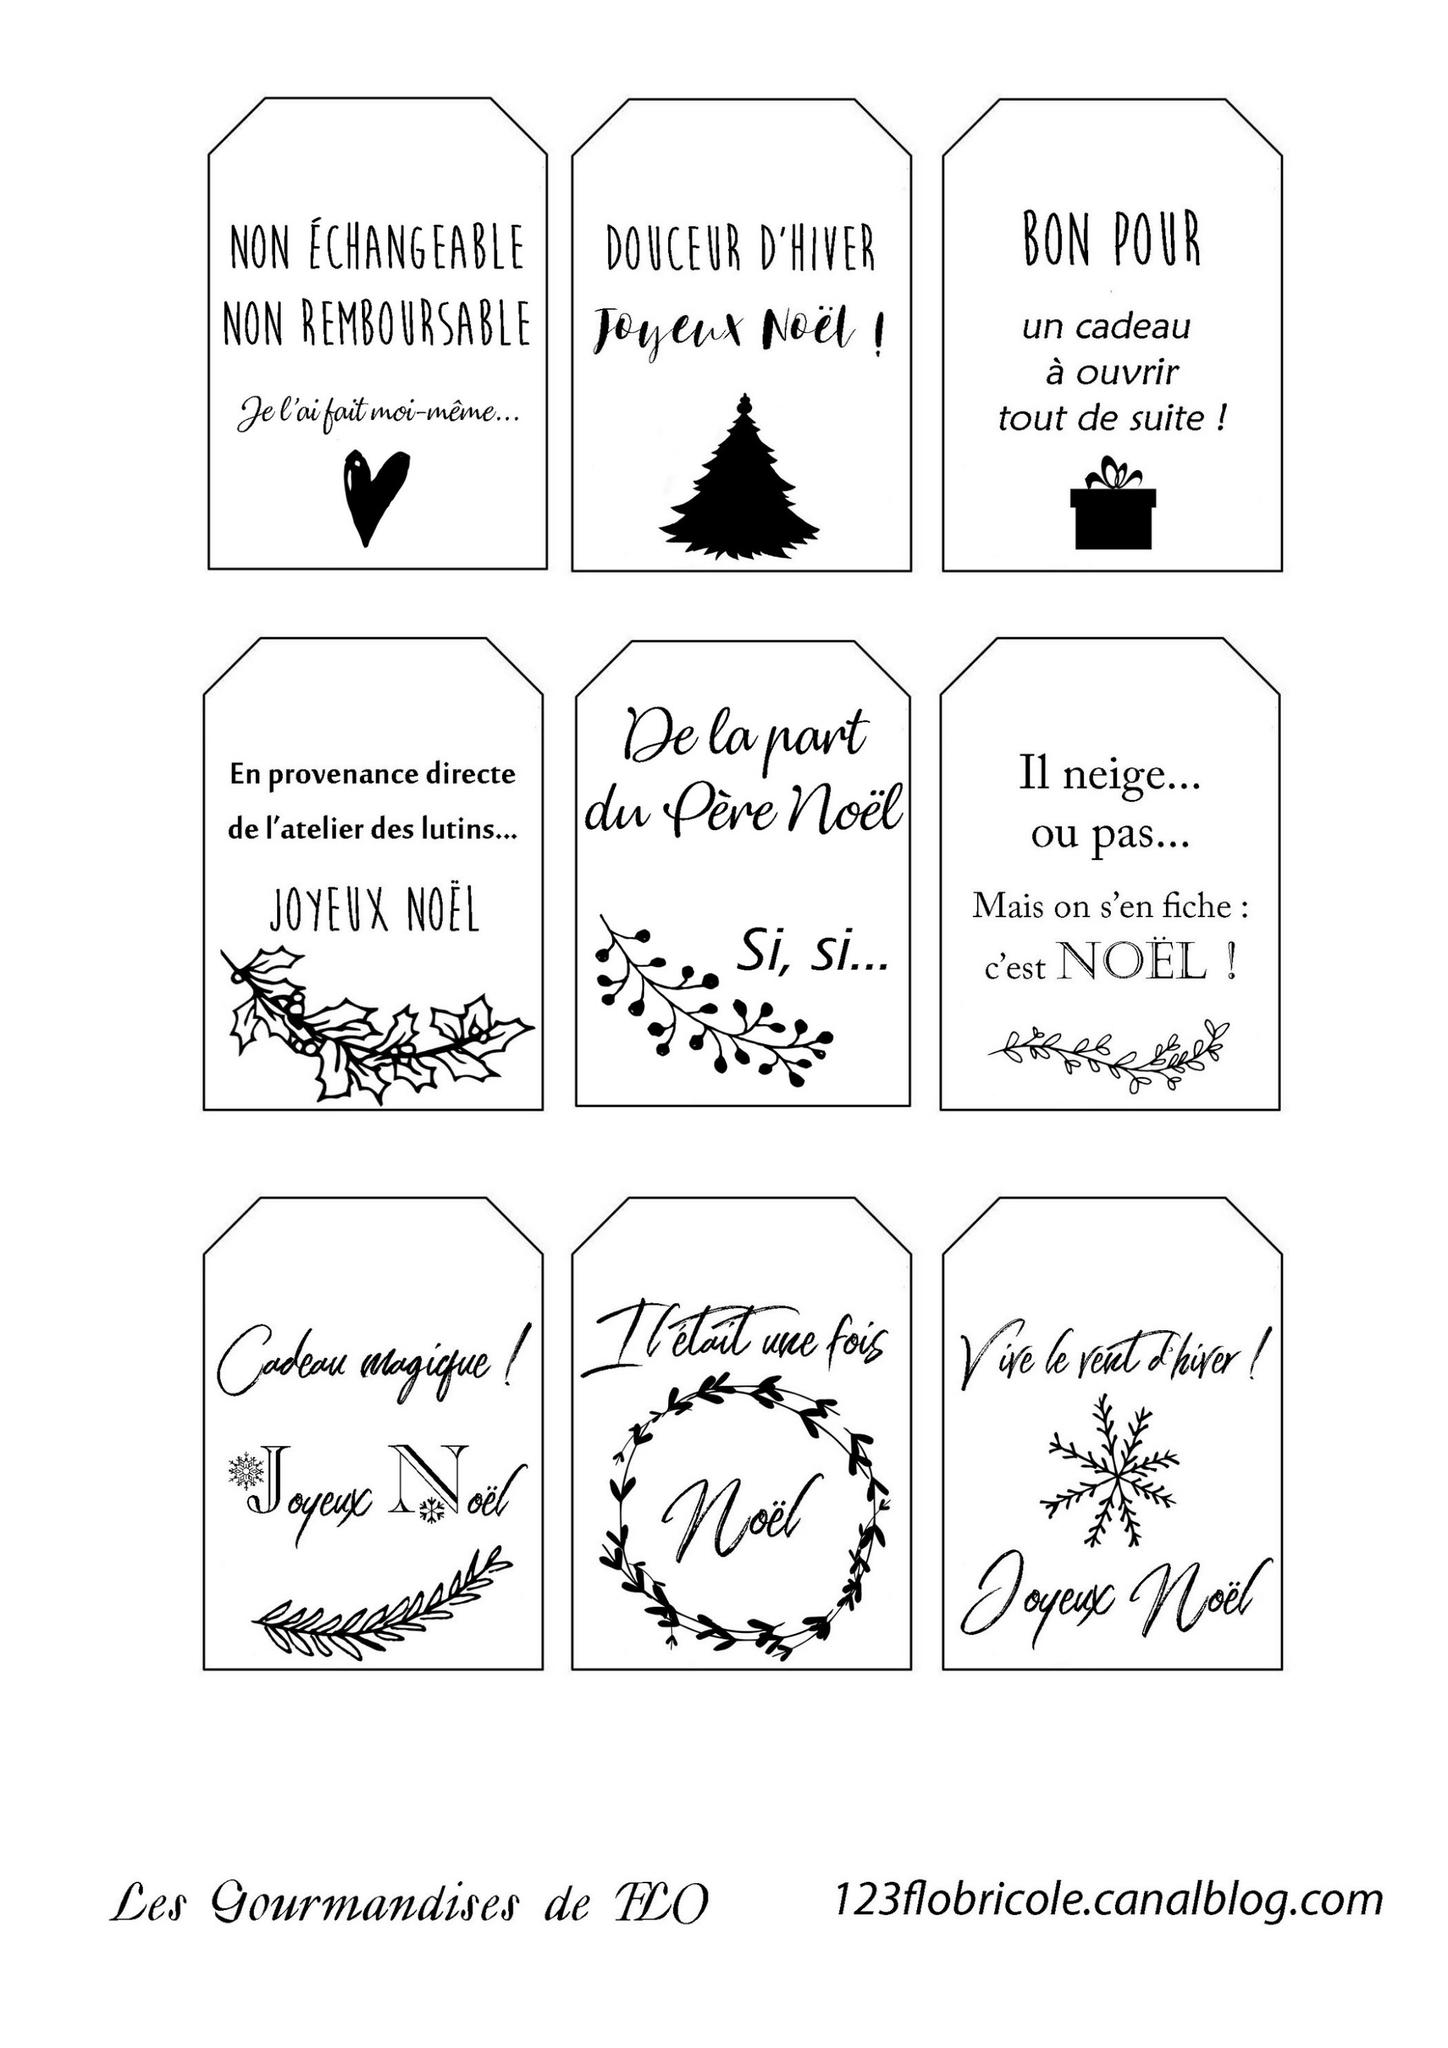 Etiquettes Cadeaux : Un Peu D'humour - 1 2 3 Flo Bricole concernant Etiquette Pour Cadeau De Noel